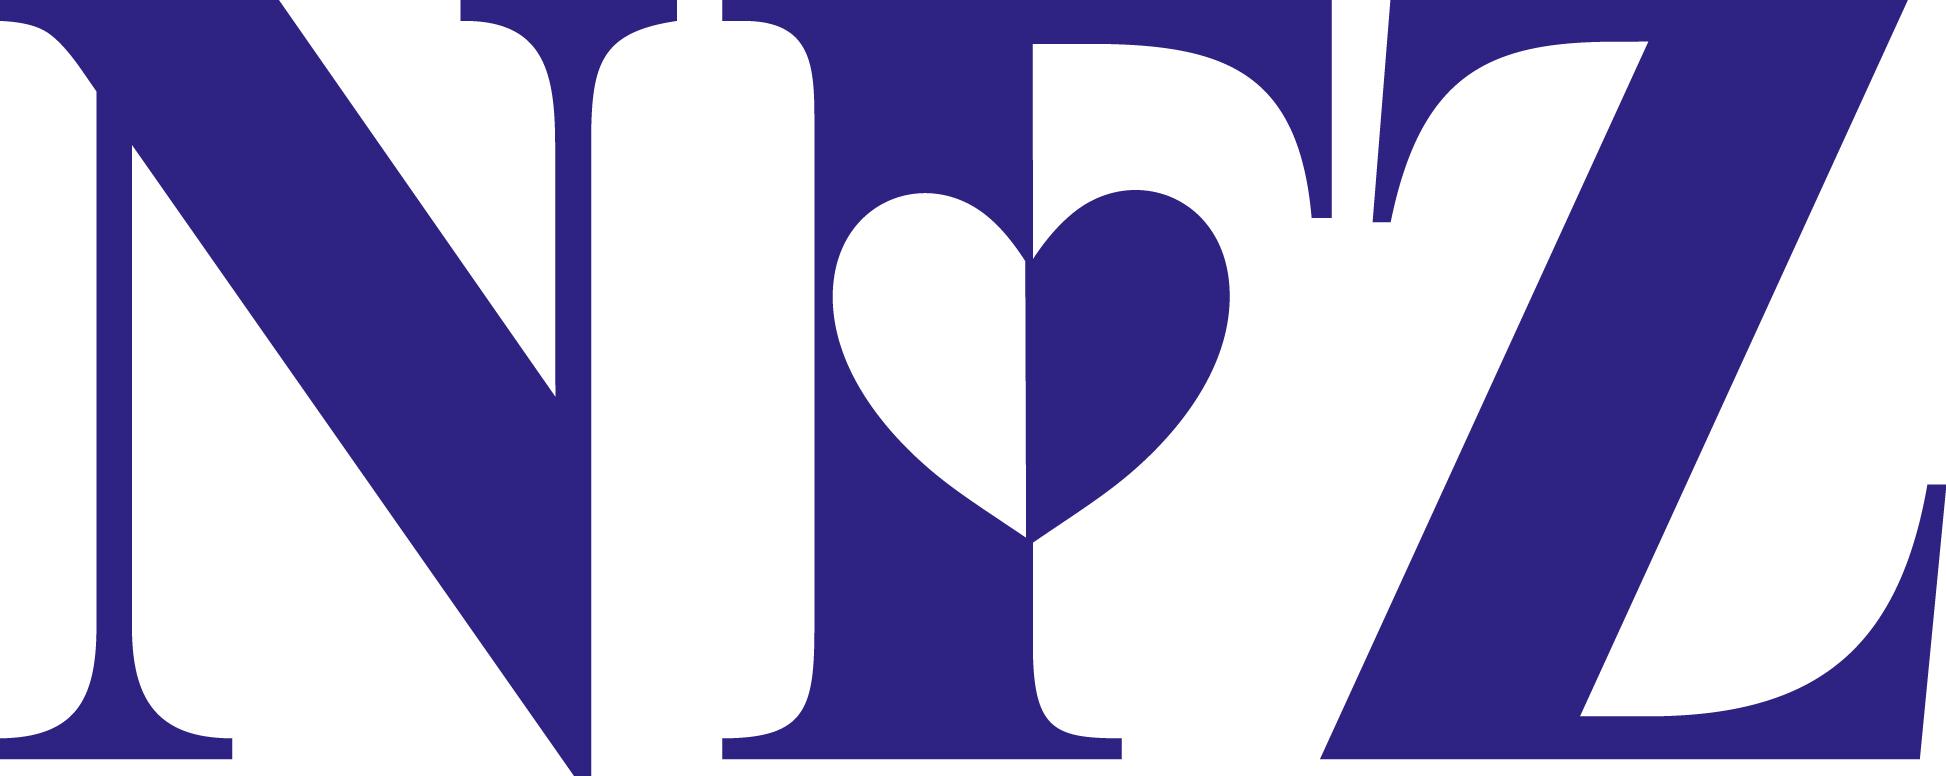 nfz_logo_c_kolorjpg